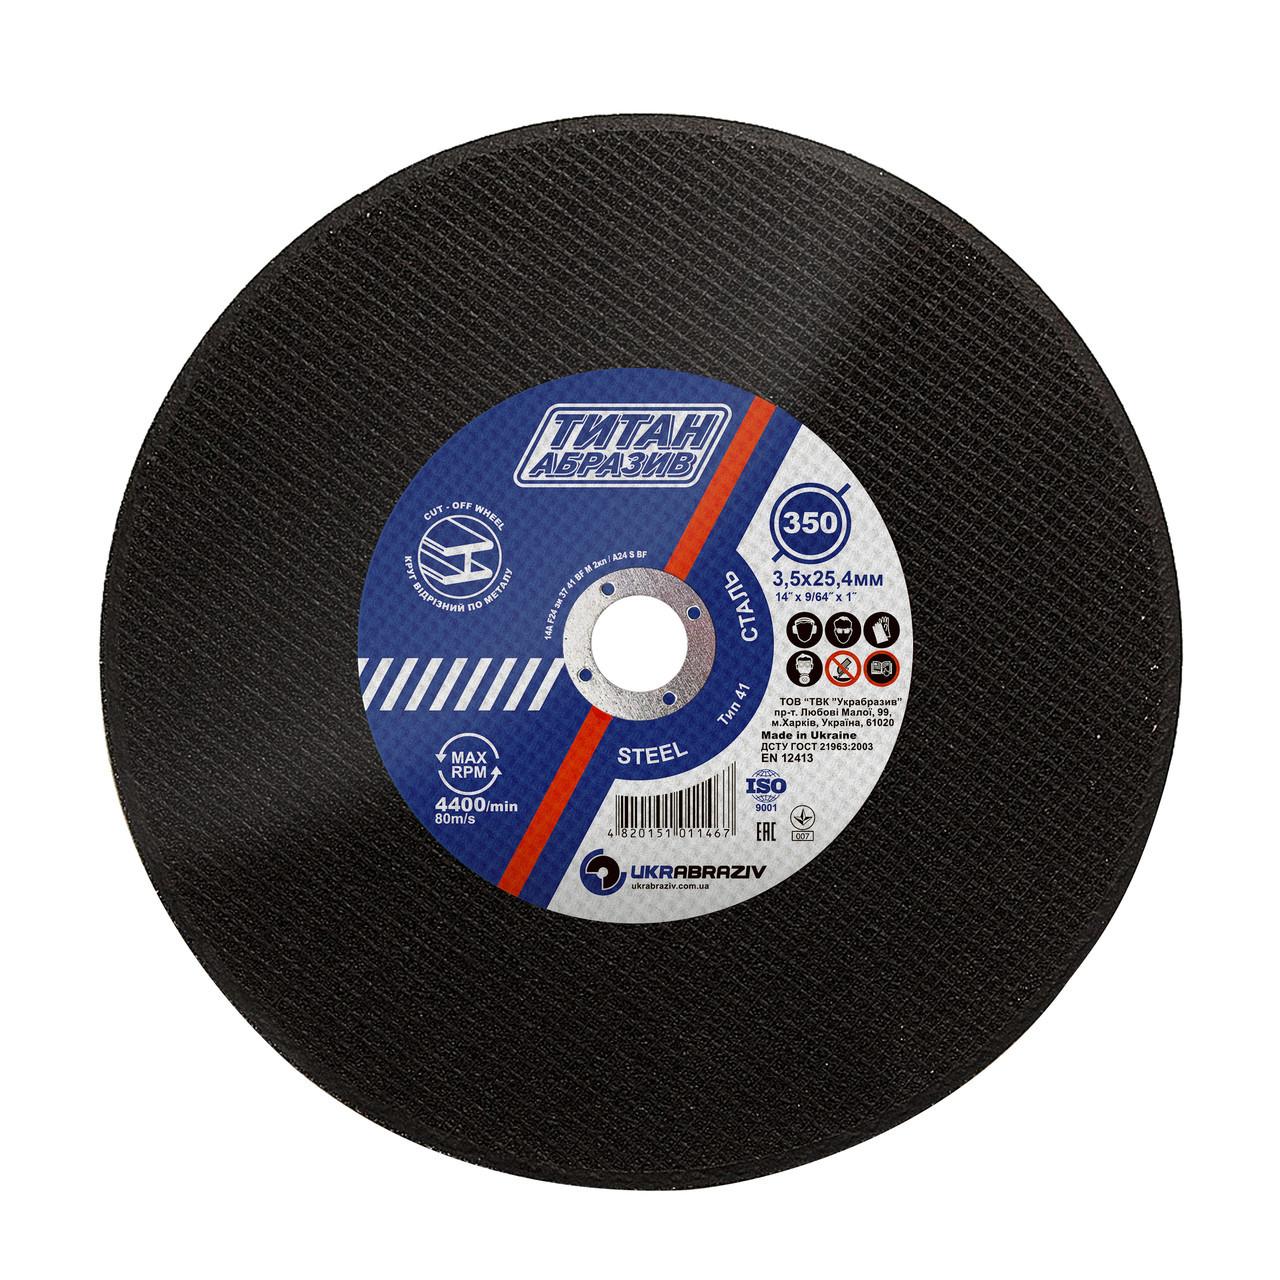 Відрізний круг 350x3,5x25,4 Титан Абразив